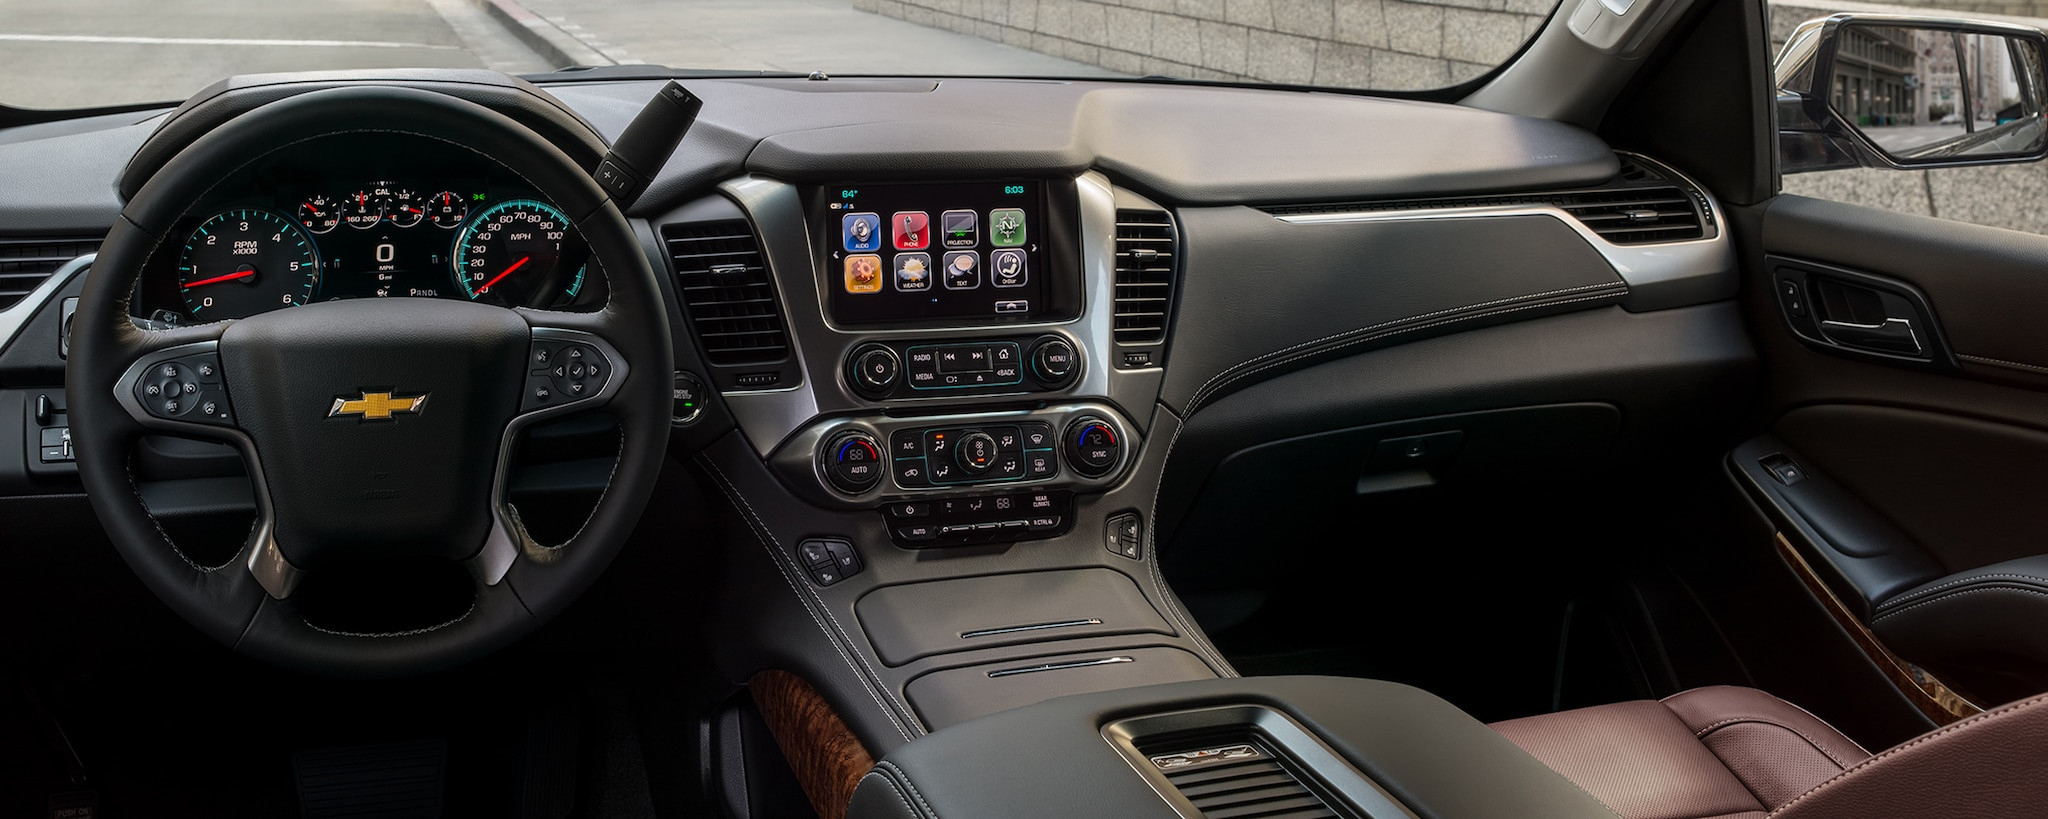 Tecnología de la SUV grande Suburban 2020: pantalla táctil a colores de 8 pulgadas en el tablero